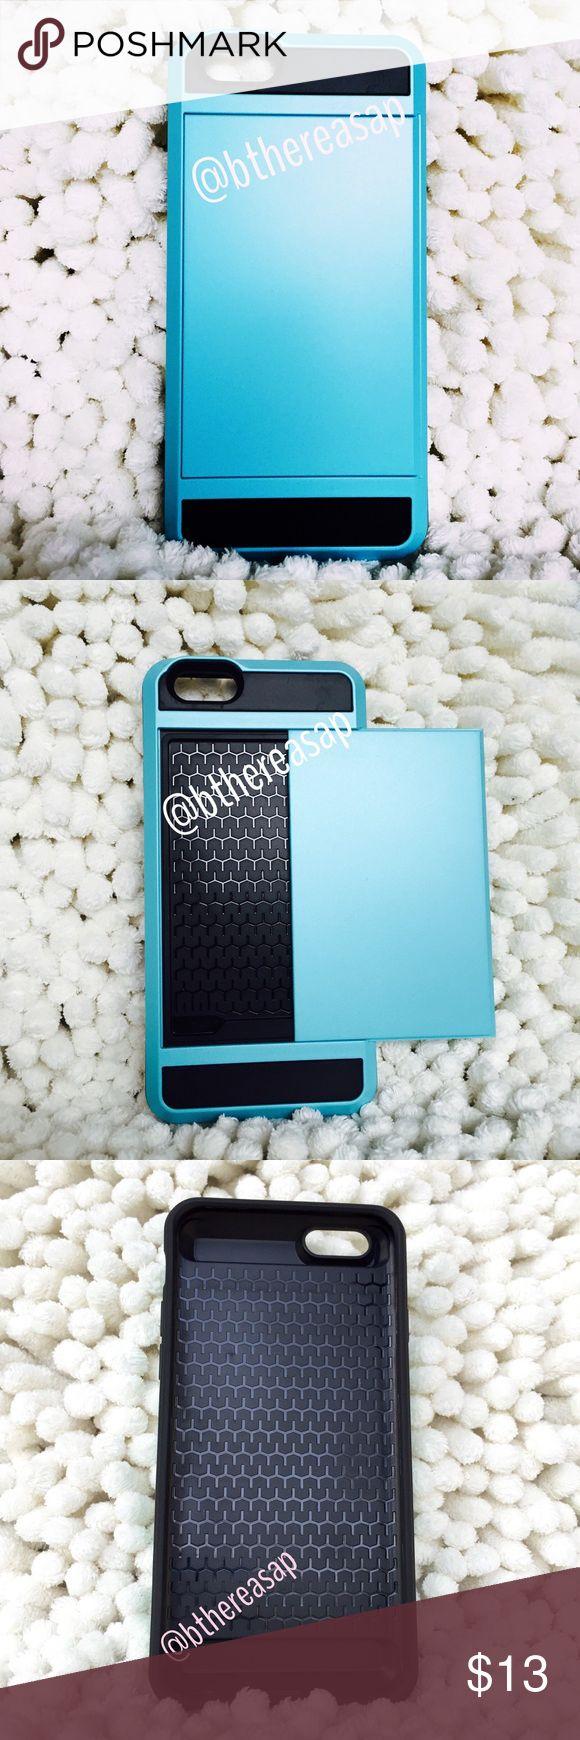 Plan cellule dynamis sur defender - Iphone 6 6s 7 8 Card Case Light Blue Boutique